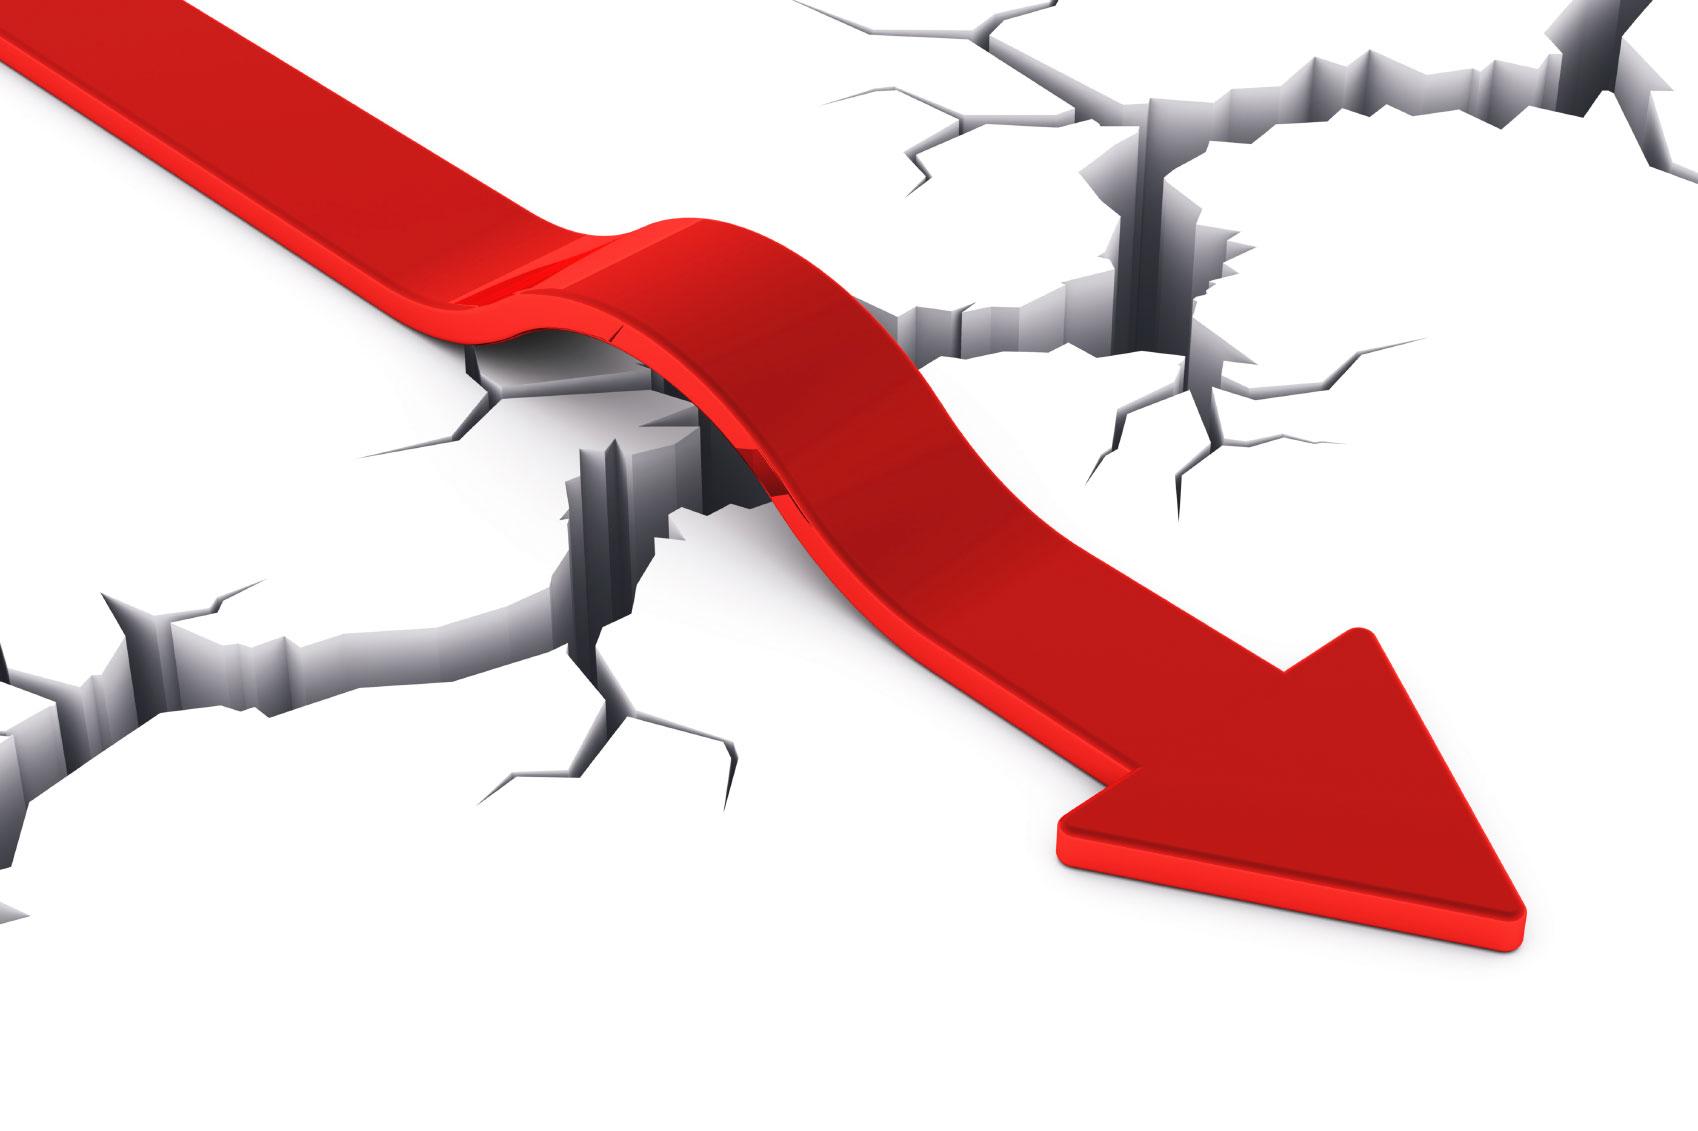 Rủi Ro Trong Kinh Doanh Và Cách Quản Trị Rủi Ro - Học Viện ...